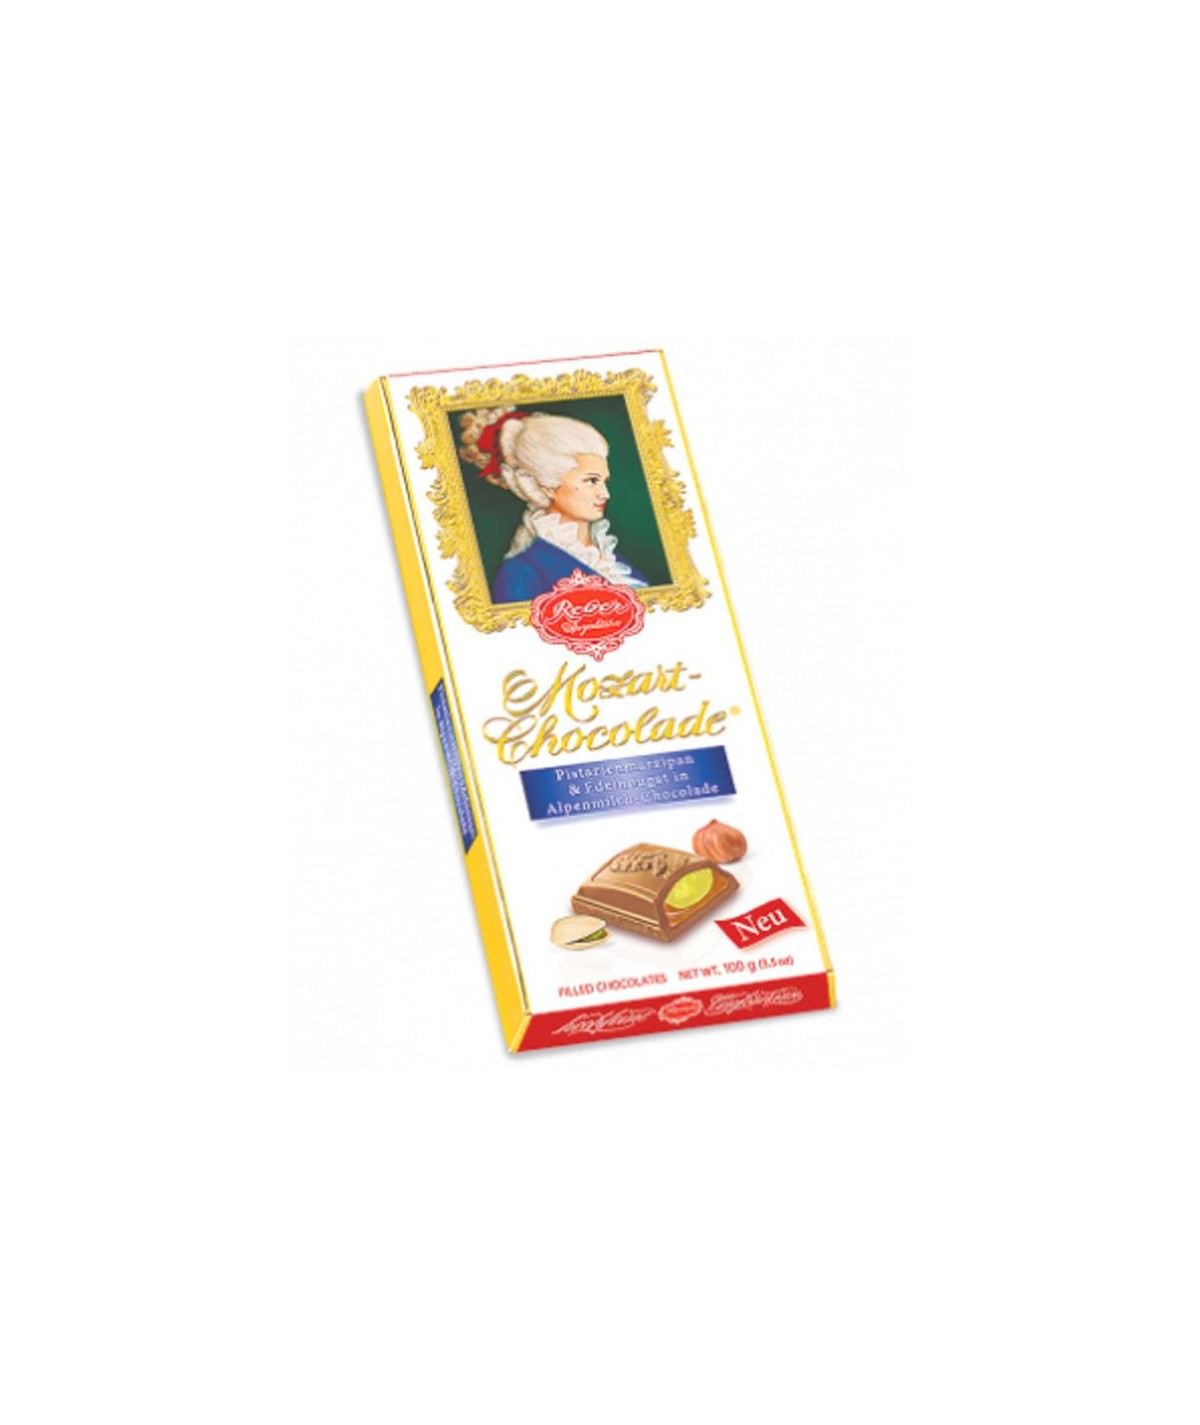 Constanze Mozart Chocolade Tafel Reber 100g